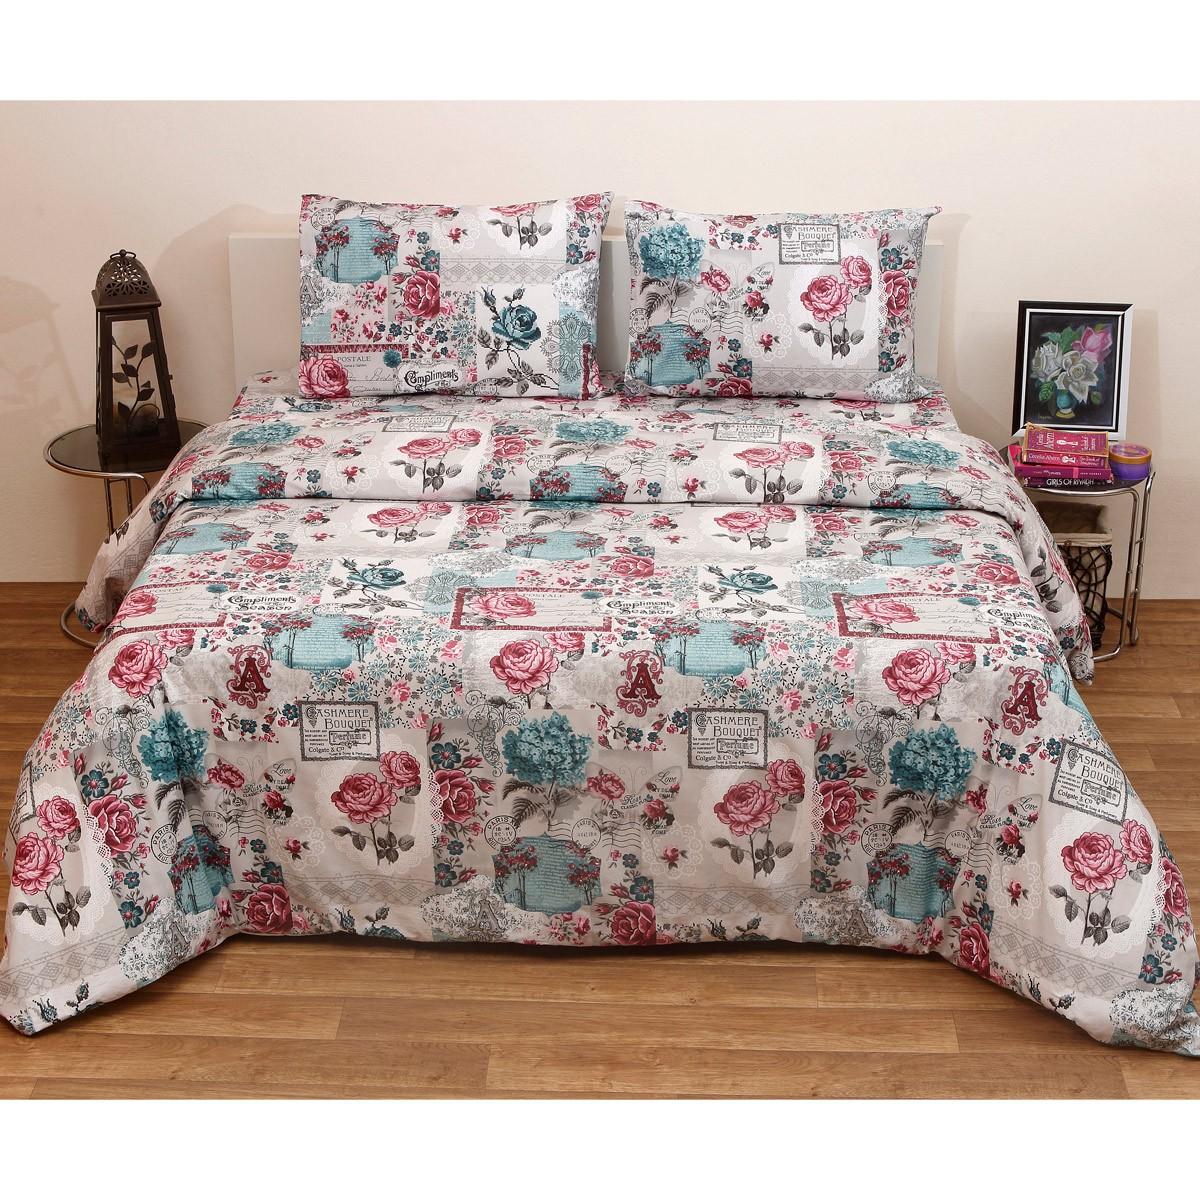 Πάπλωμα Ημίδιπλο (Σετ) Viopros Fresh Ροζάνα home   κρεβατοκάμαρα   παπλώματα   παπλώματα ημίδιπλα   διπλά